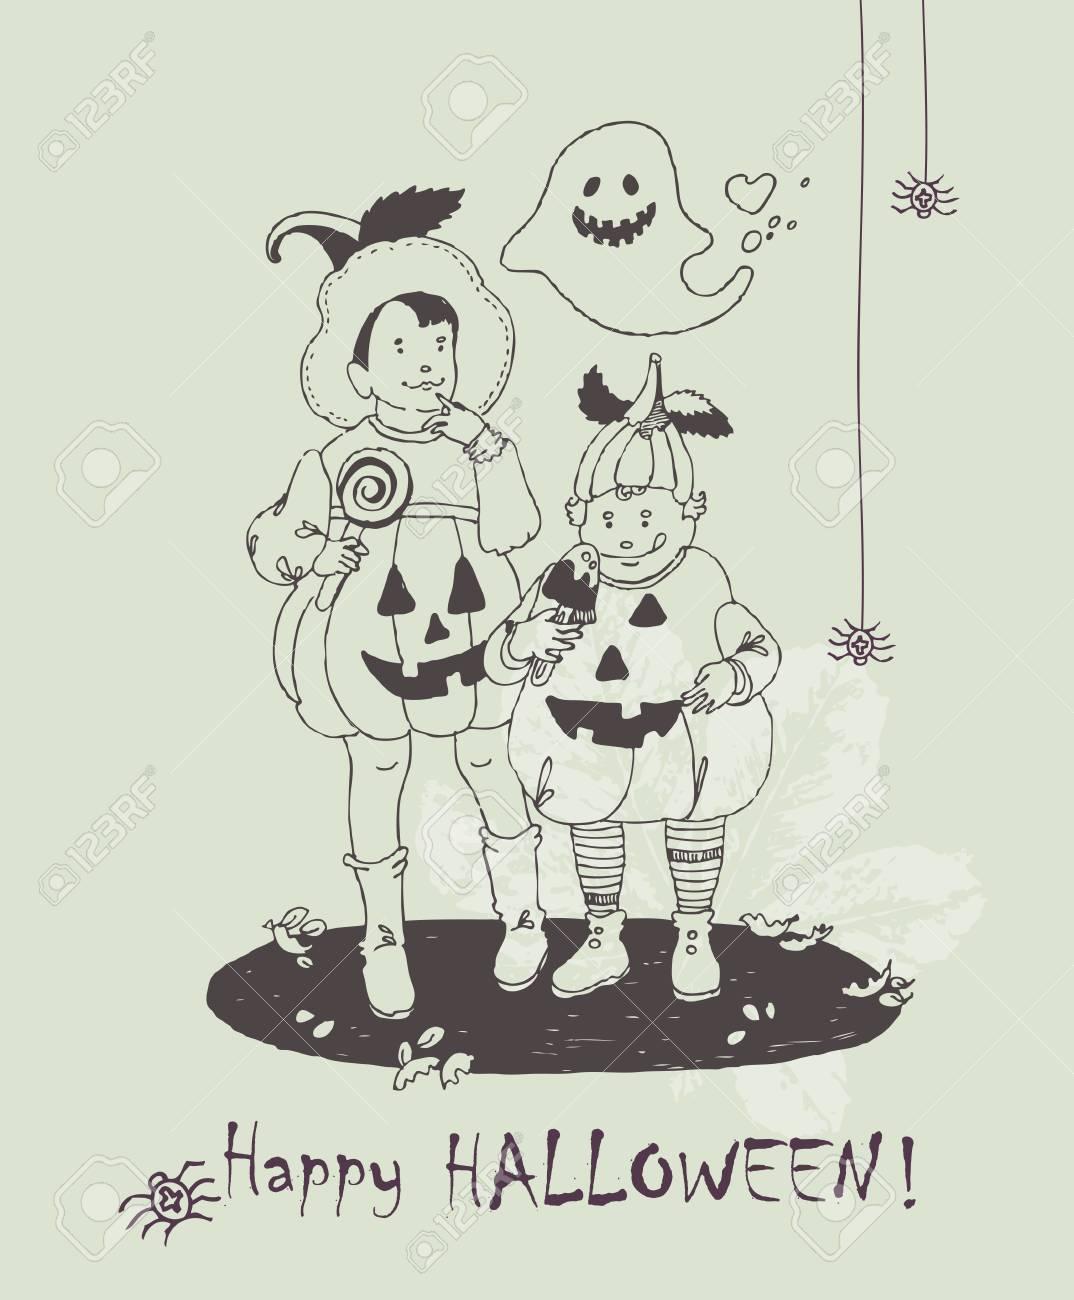 ハロウィンのグリーティング カード手はハロウィーンの怖い衣装に